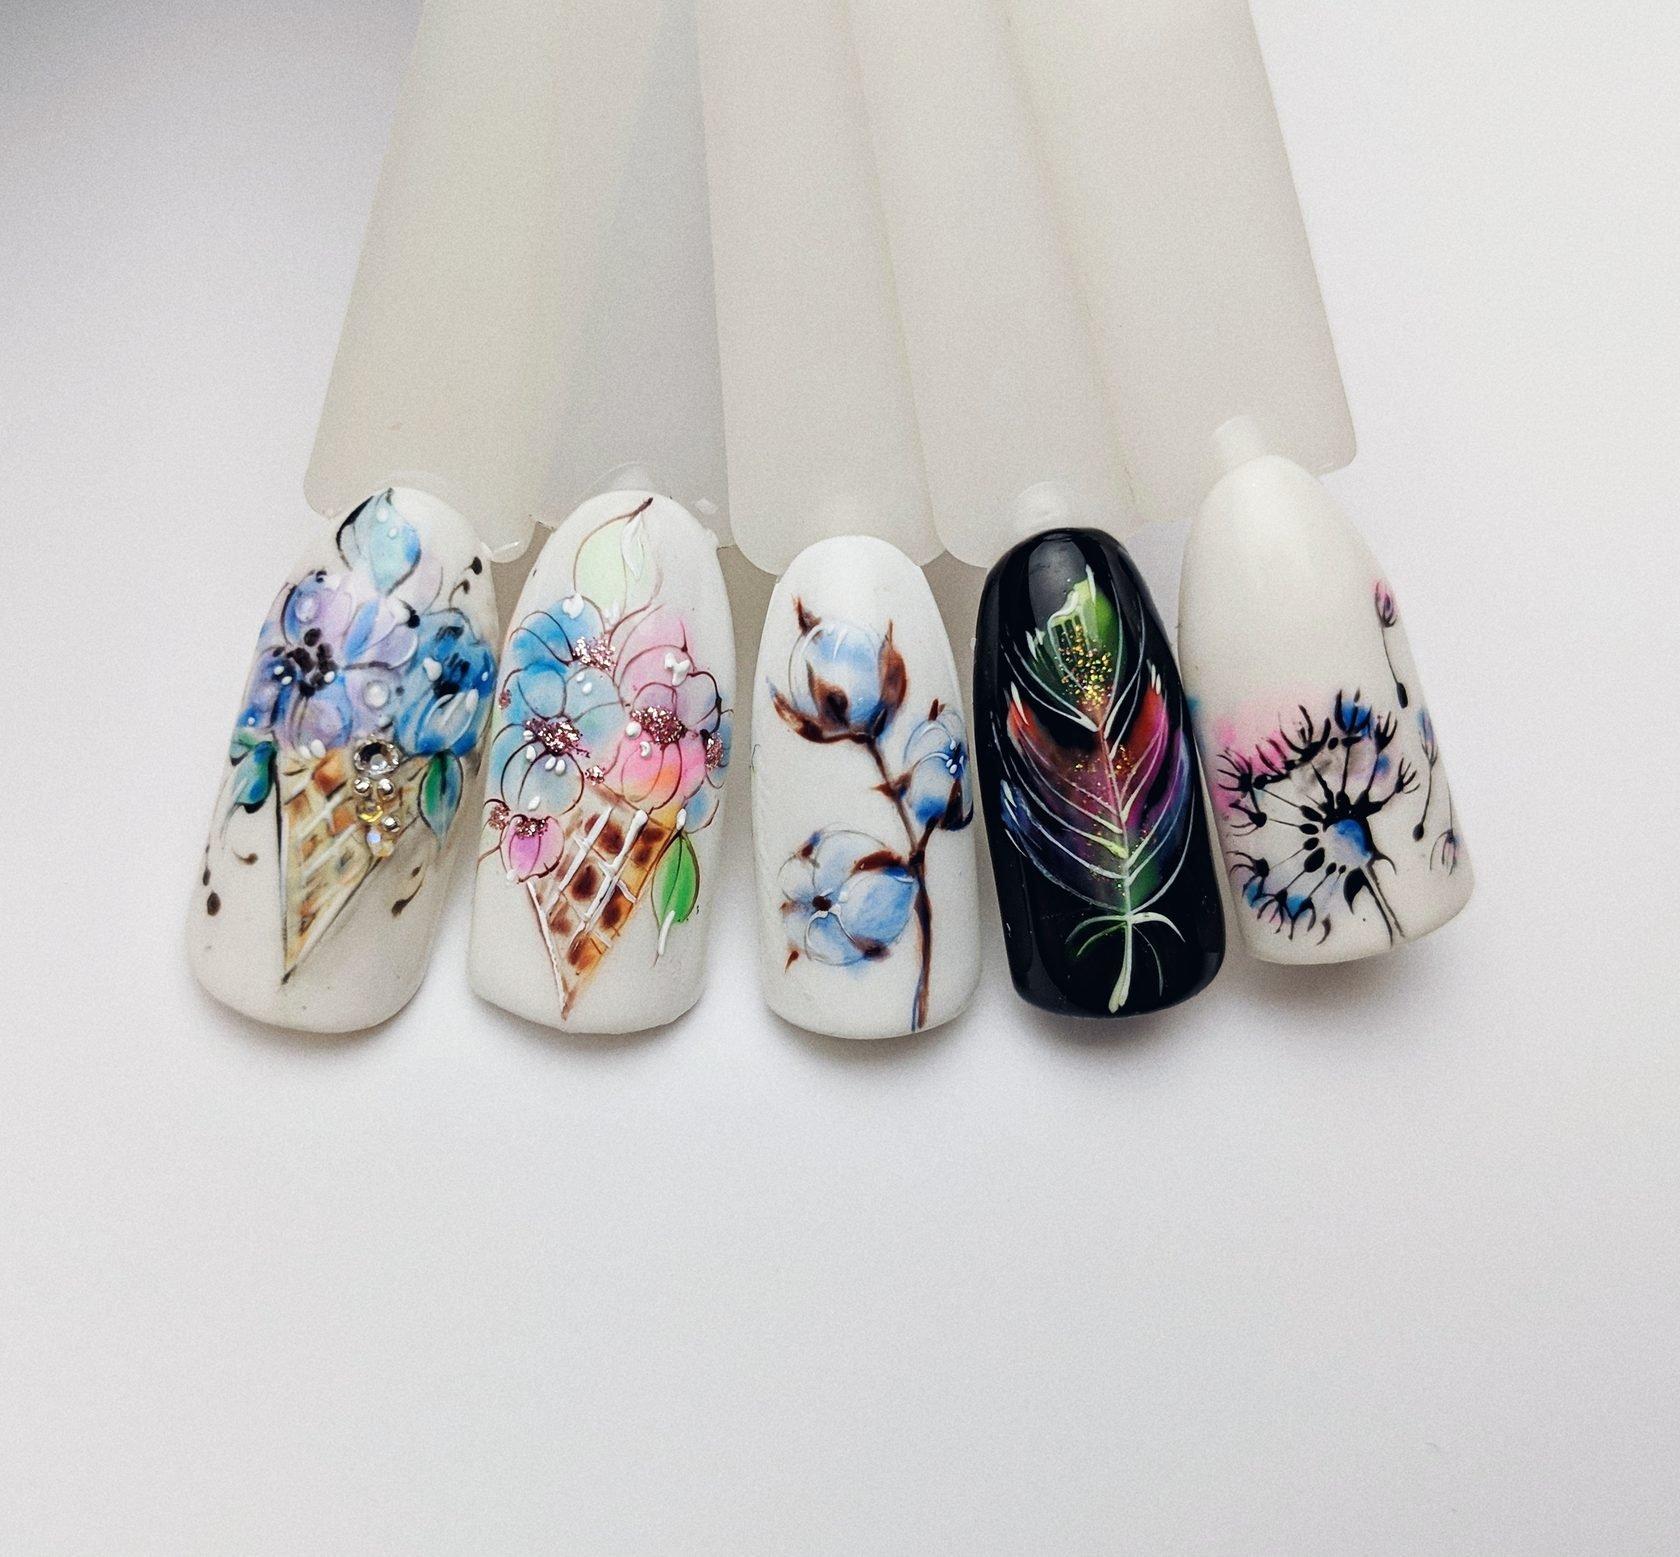 Цветы на нотях. Цветочный дизайн ногтей - LadyLiga